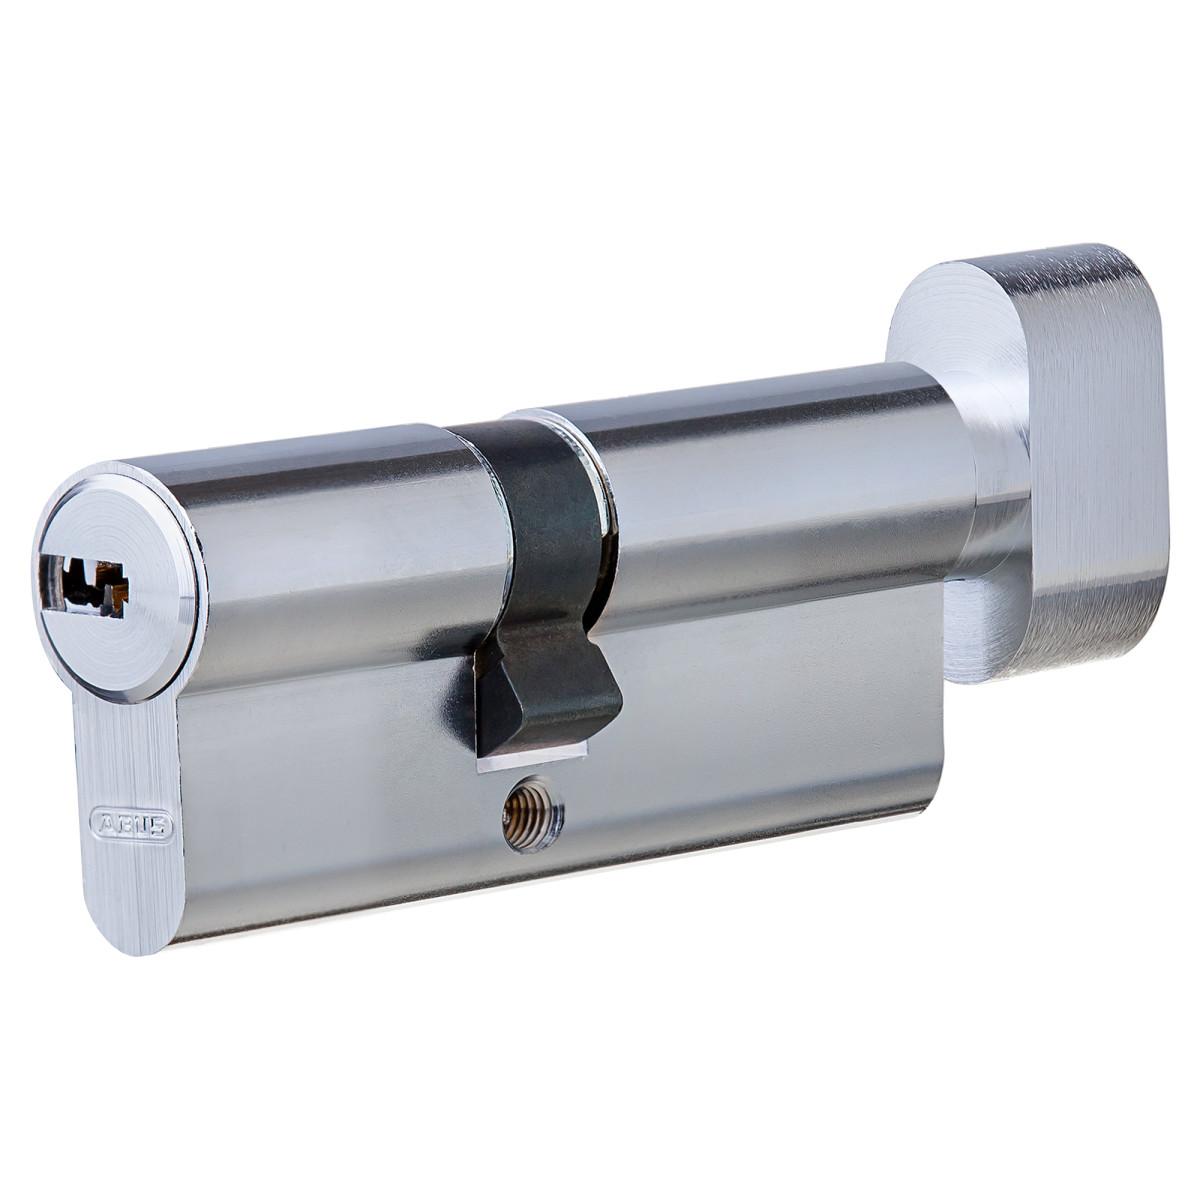 Цилиндр Abus 30х40 мм ключ/вертушка цвет никель